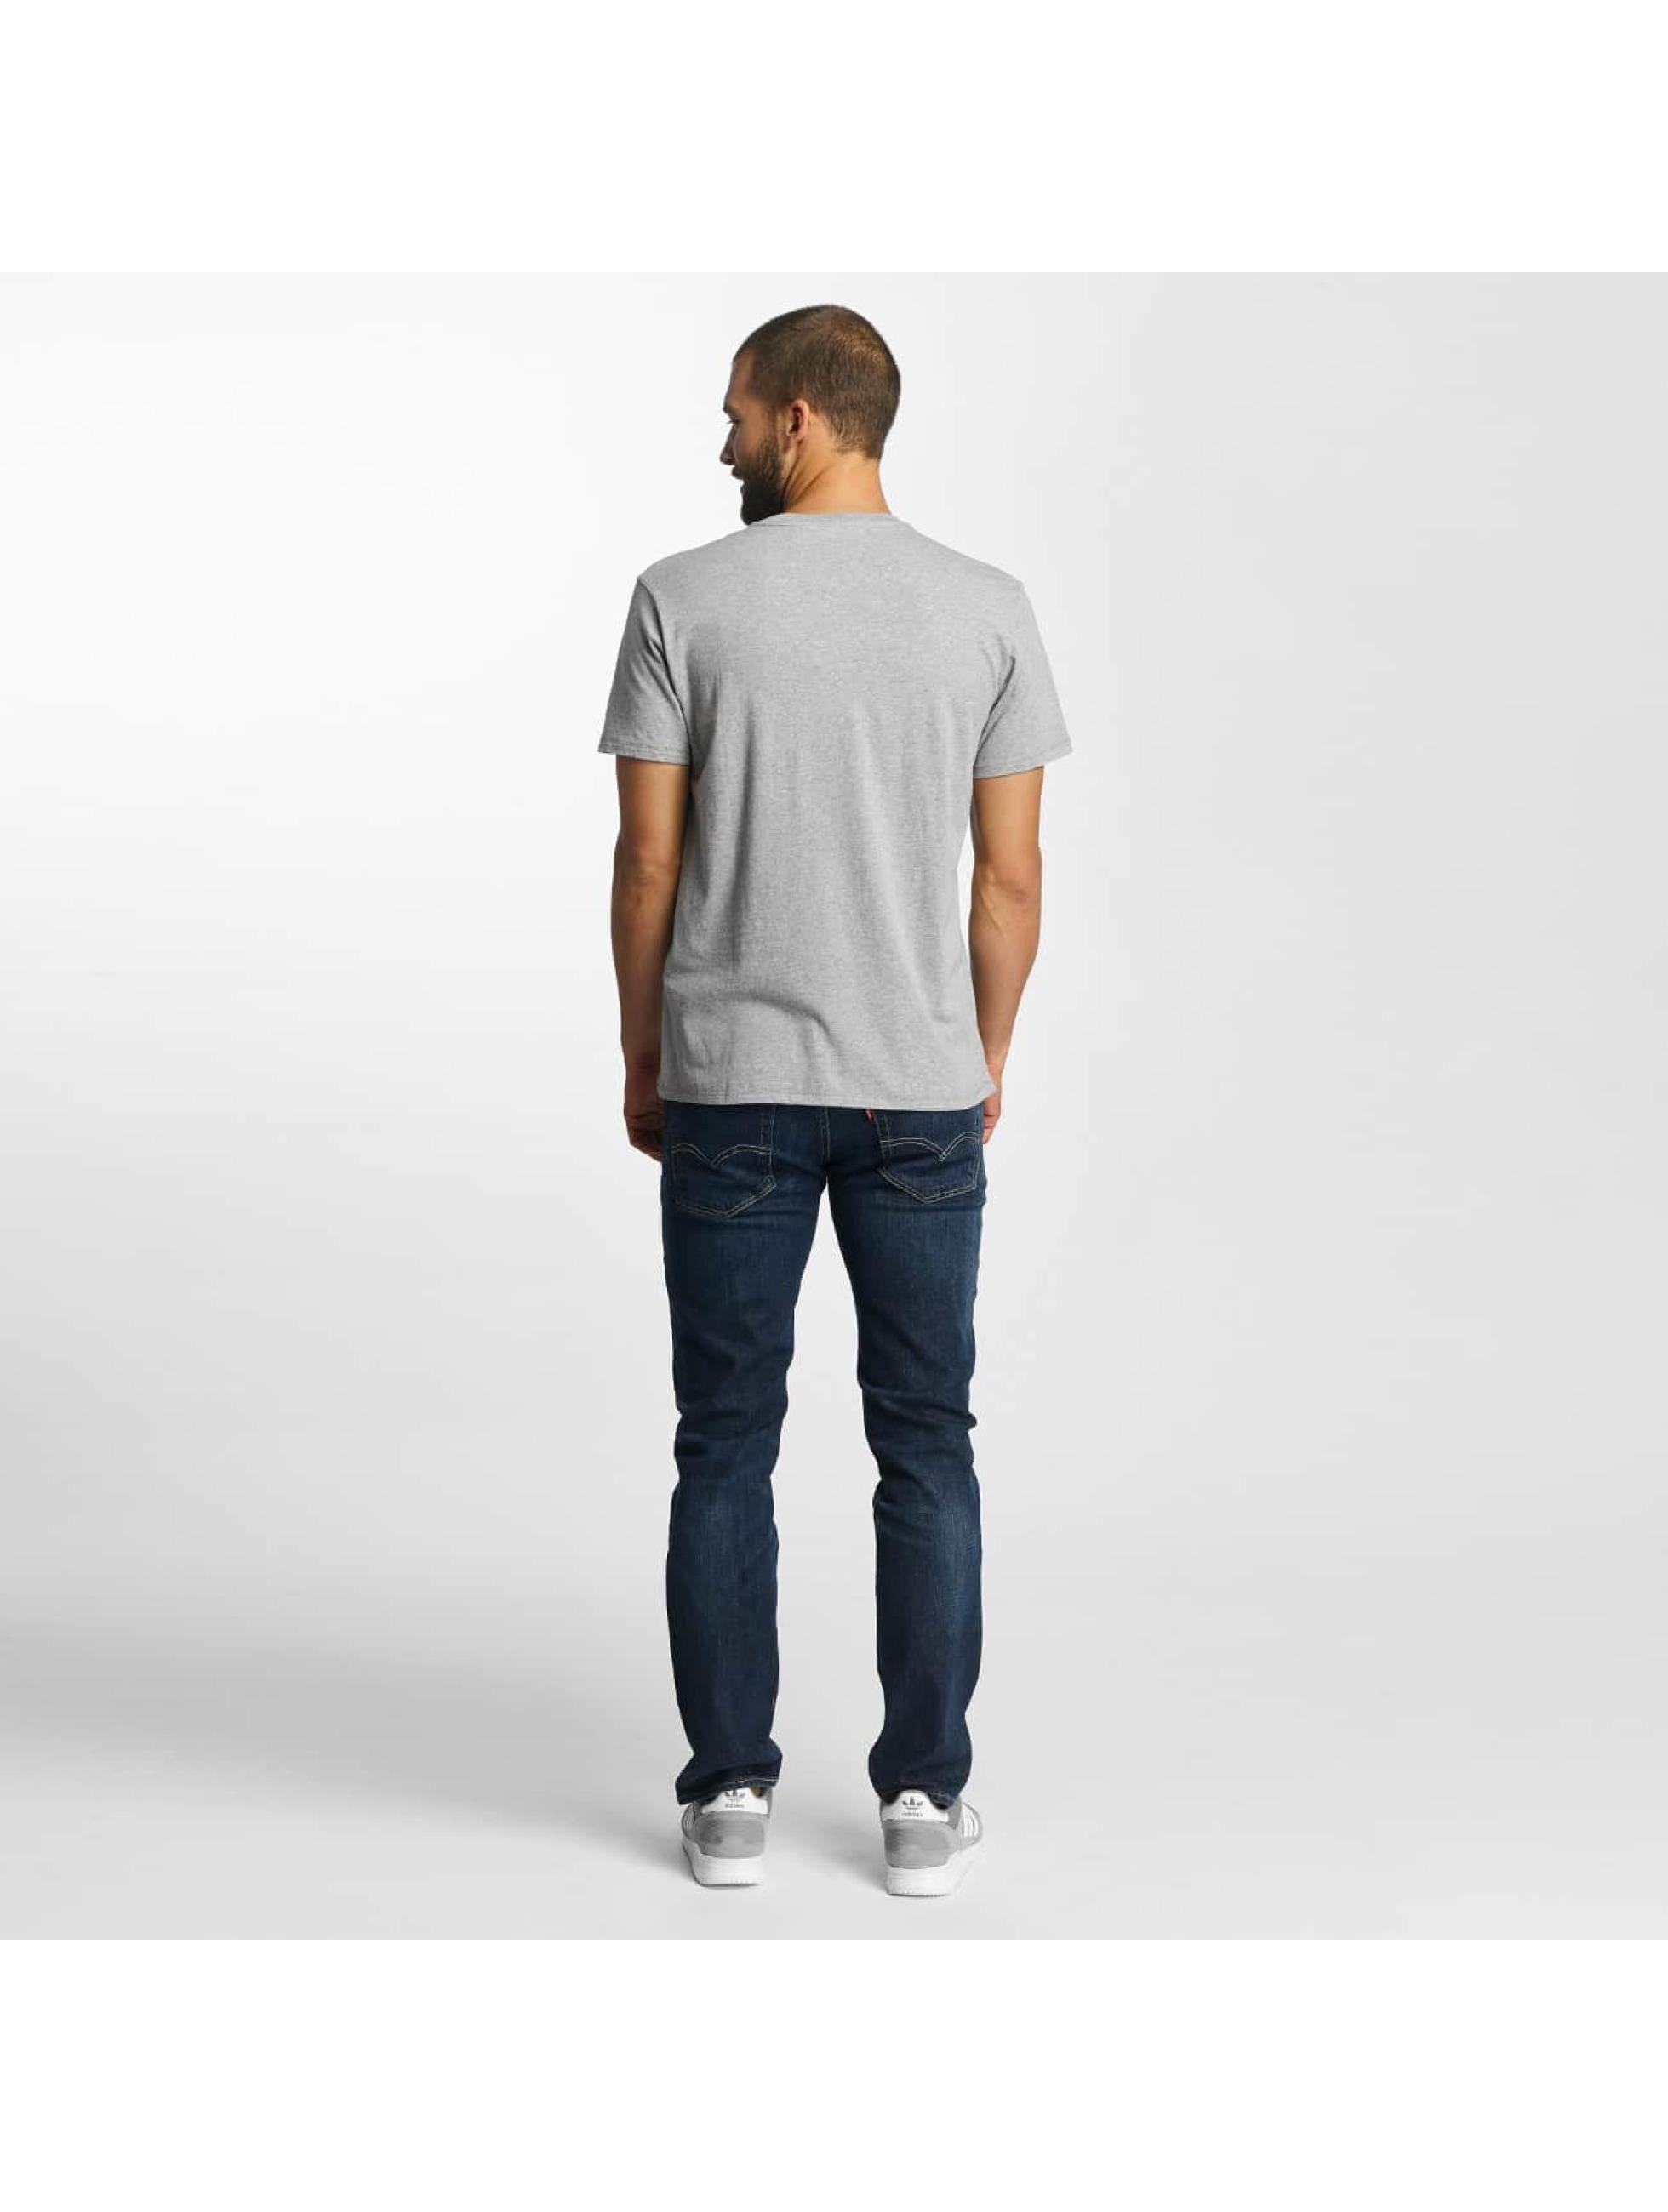 Levi's® T-Shirt 501® Graphic grau